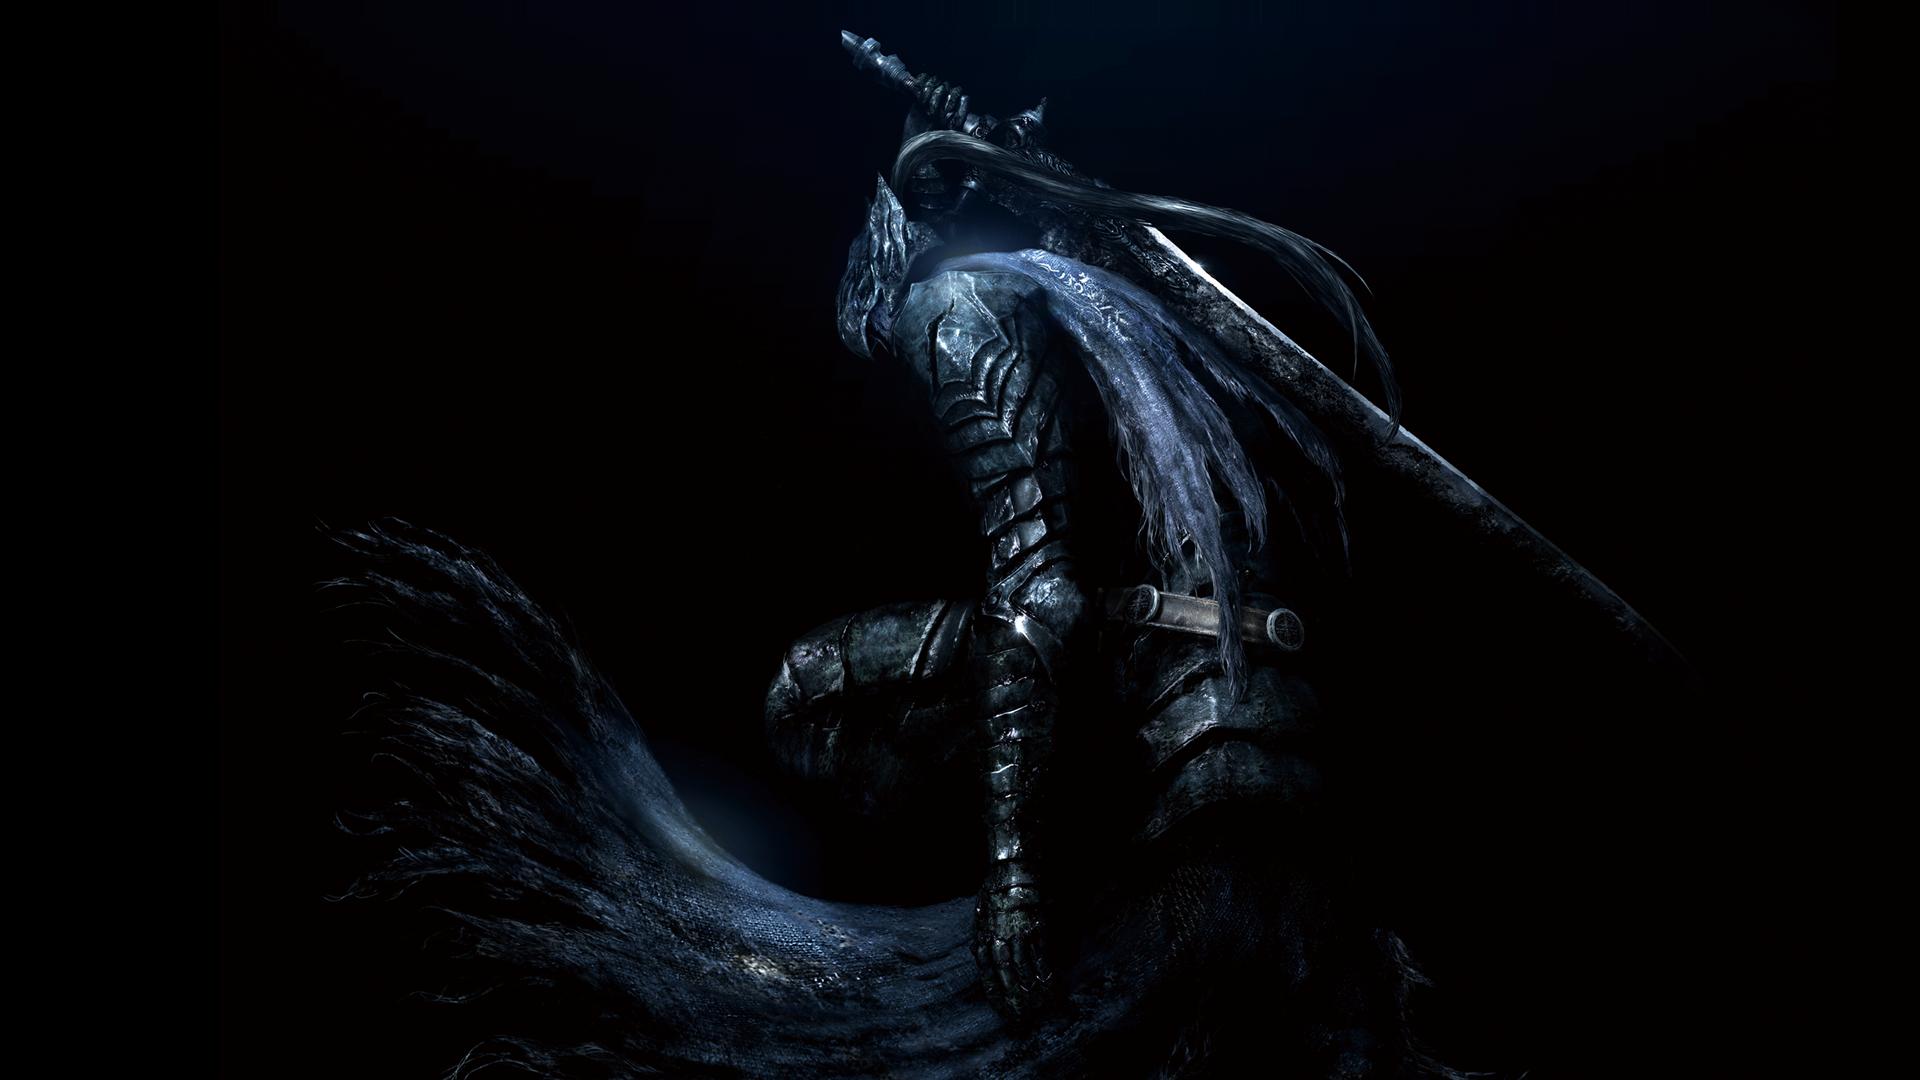 864034-artorias-the-abysswalker-dark-souls-fantasy-art-video-games